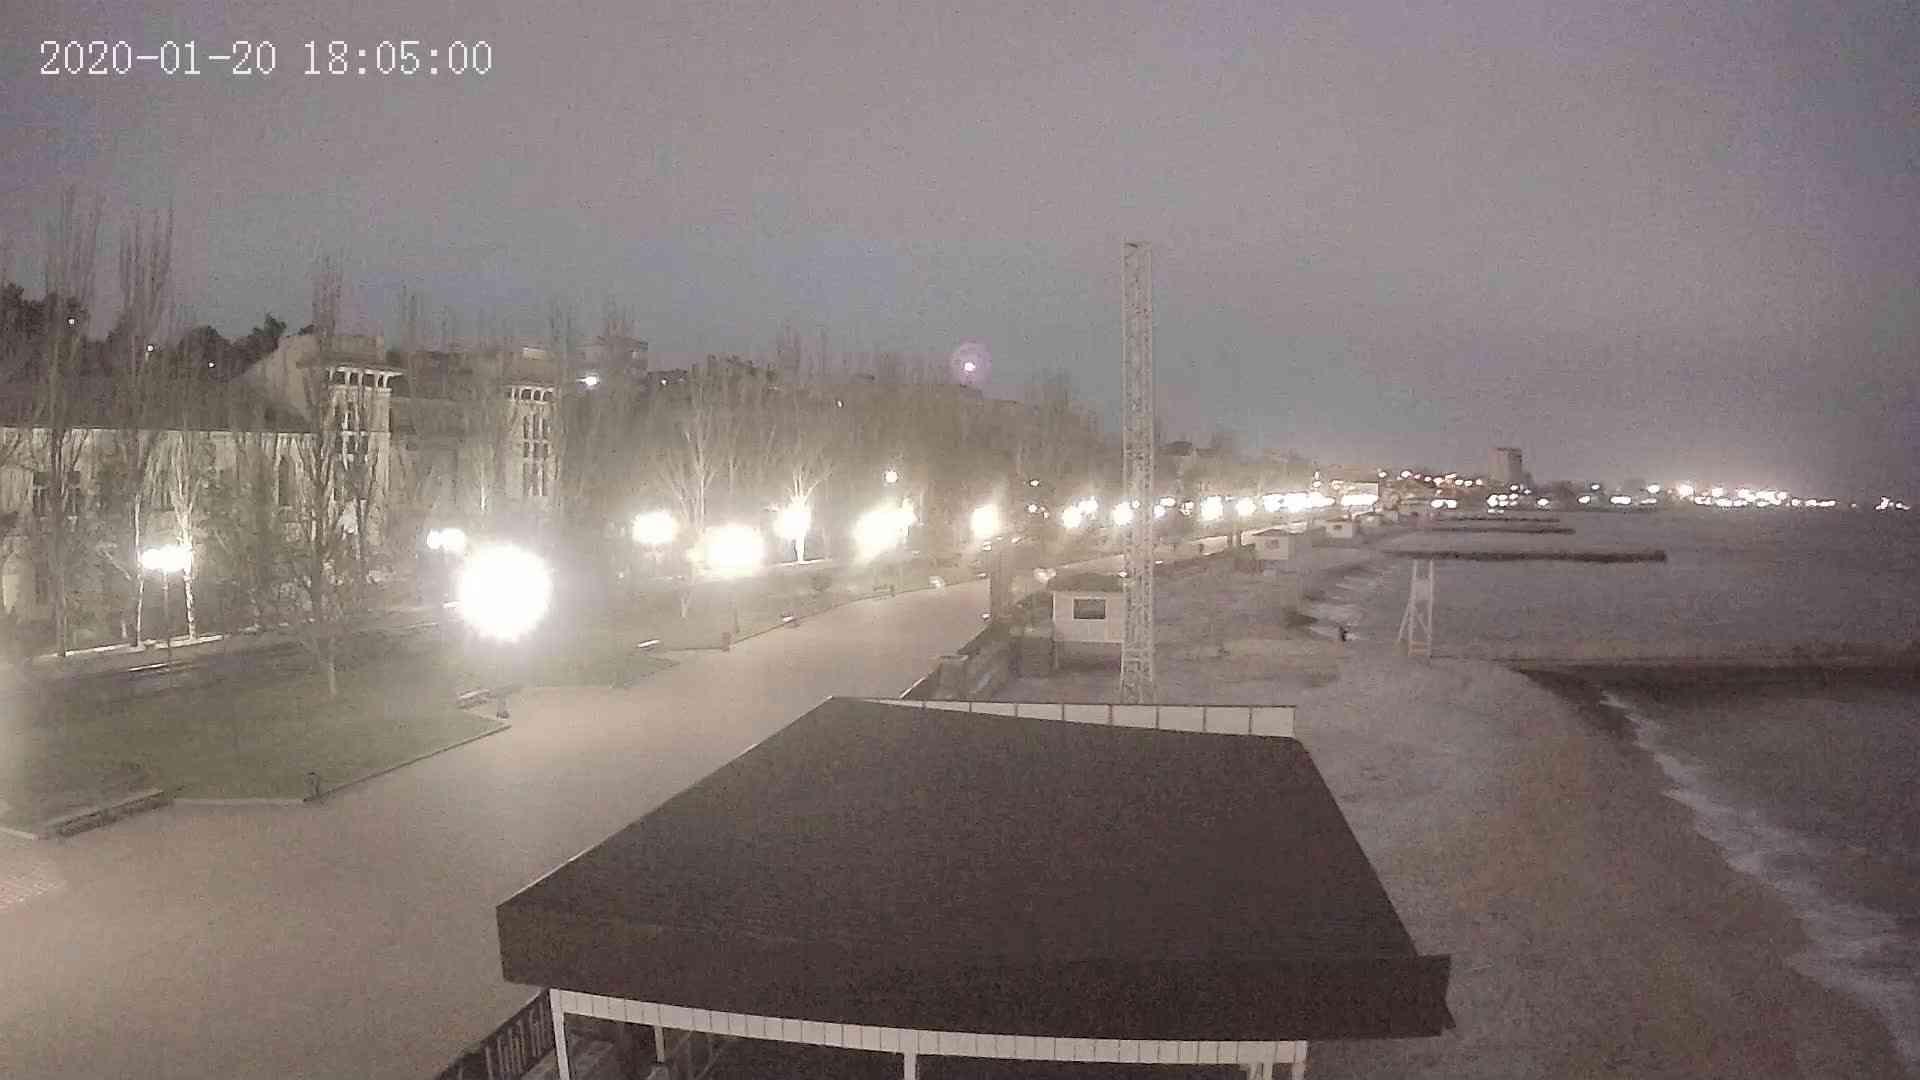 Веб-камеры Феодосии, Пляж Камешки, 2020-01-20 18:05:20